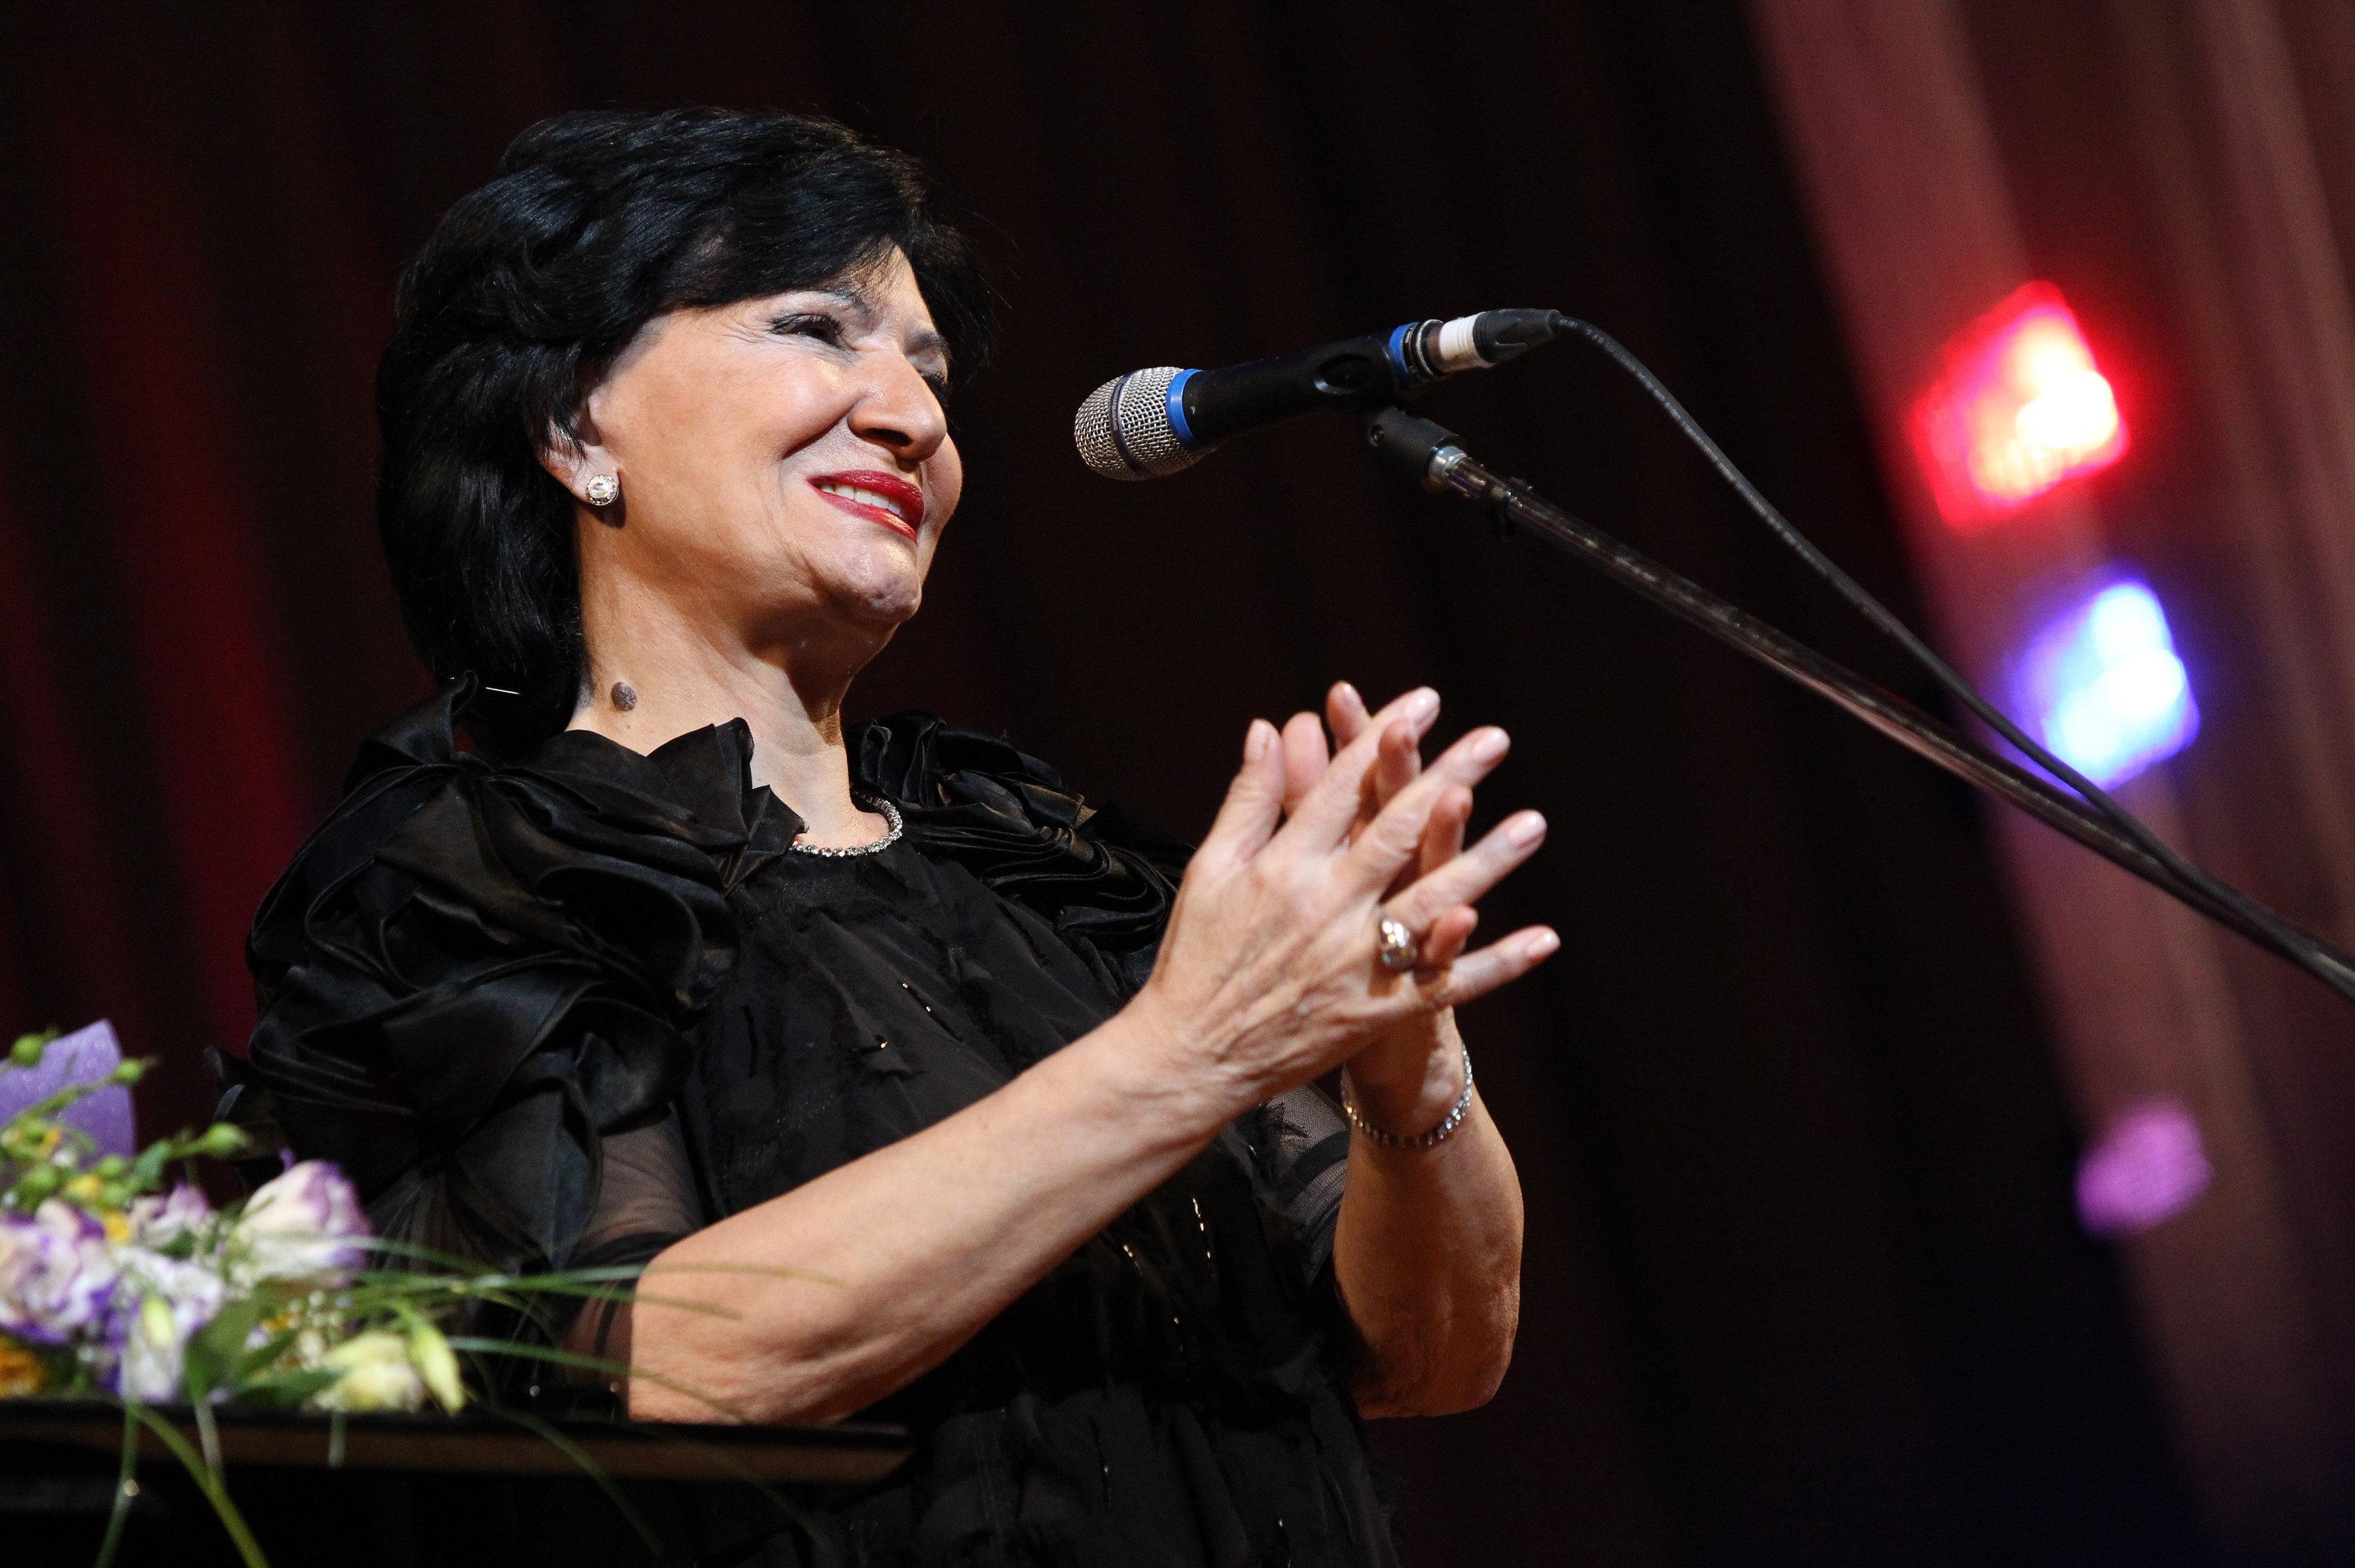 Концерт грузинской певицы Нани Брегвадзе